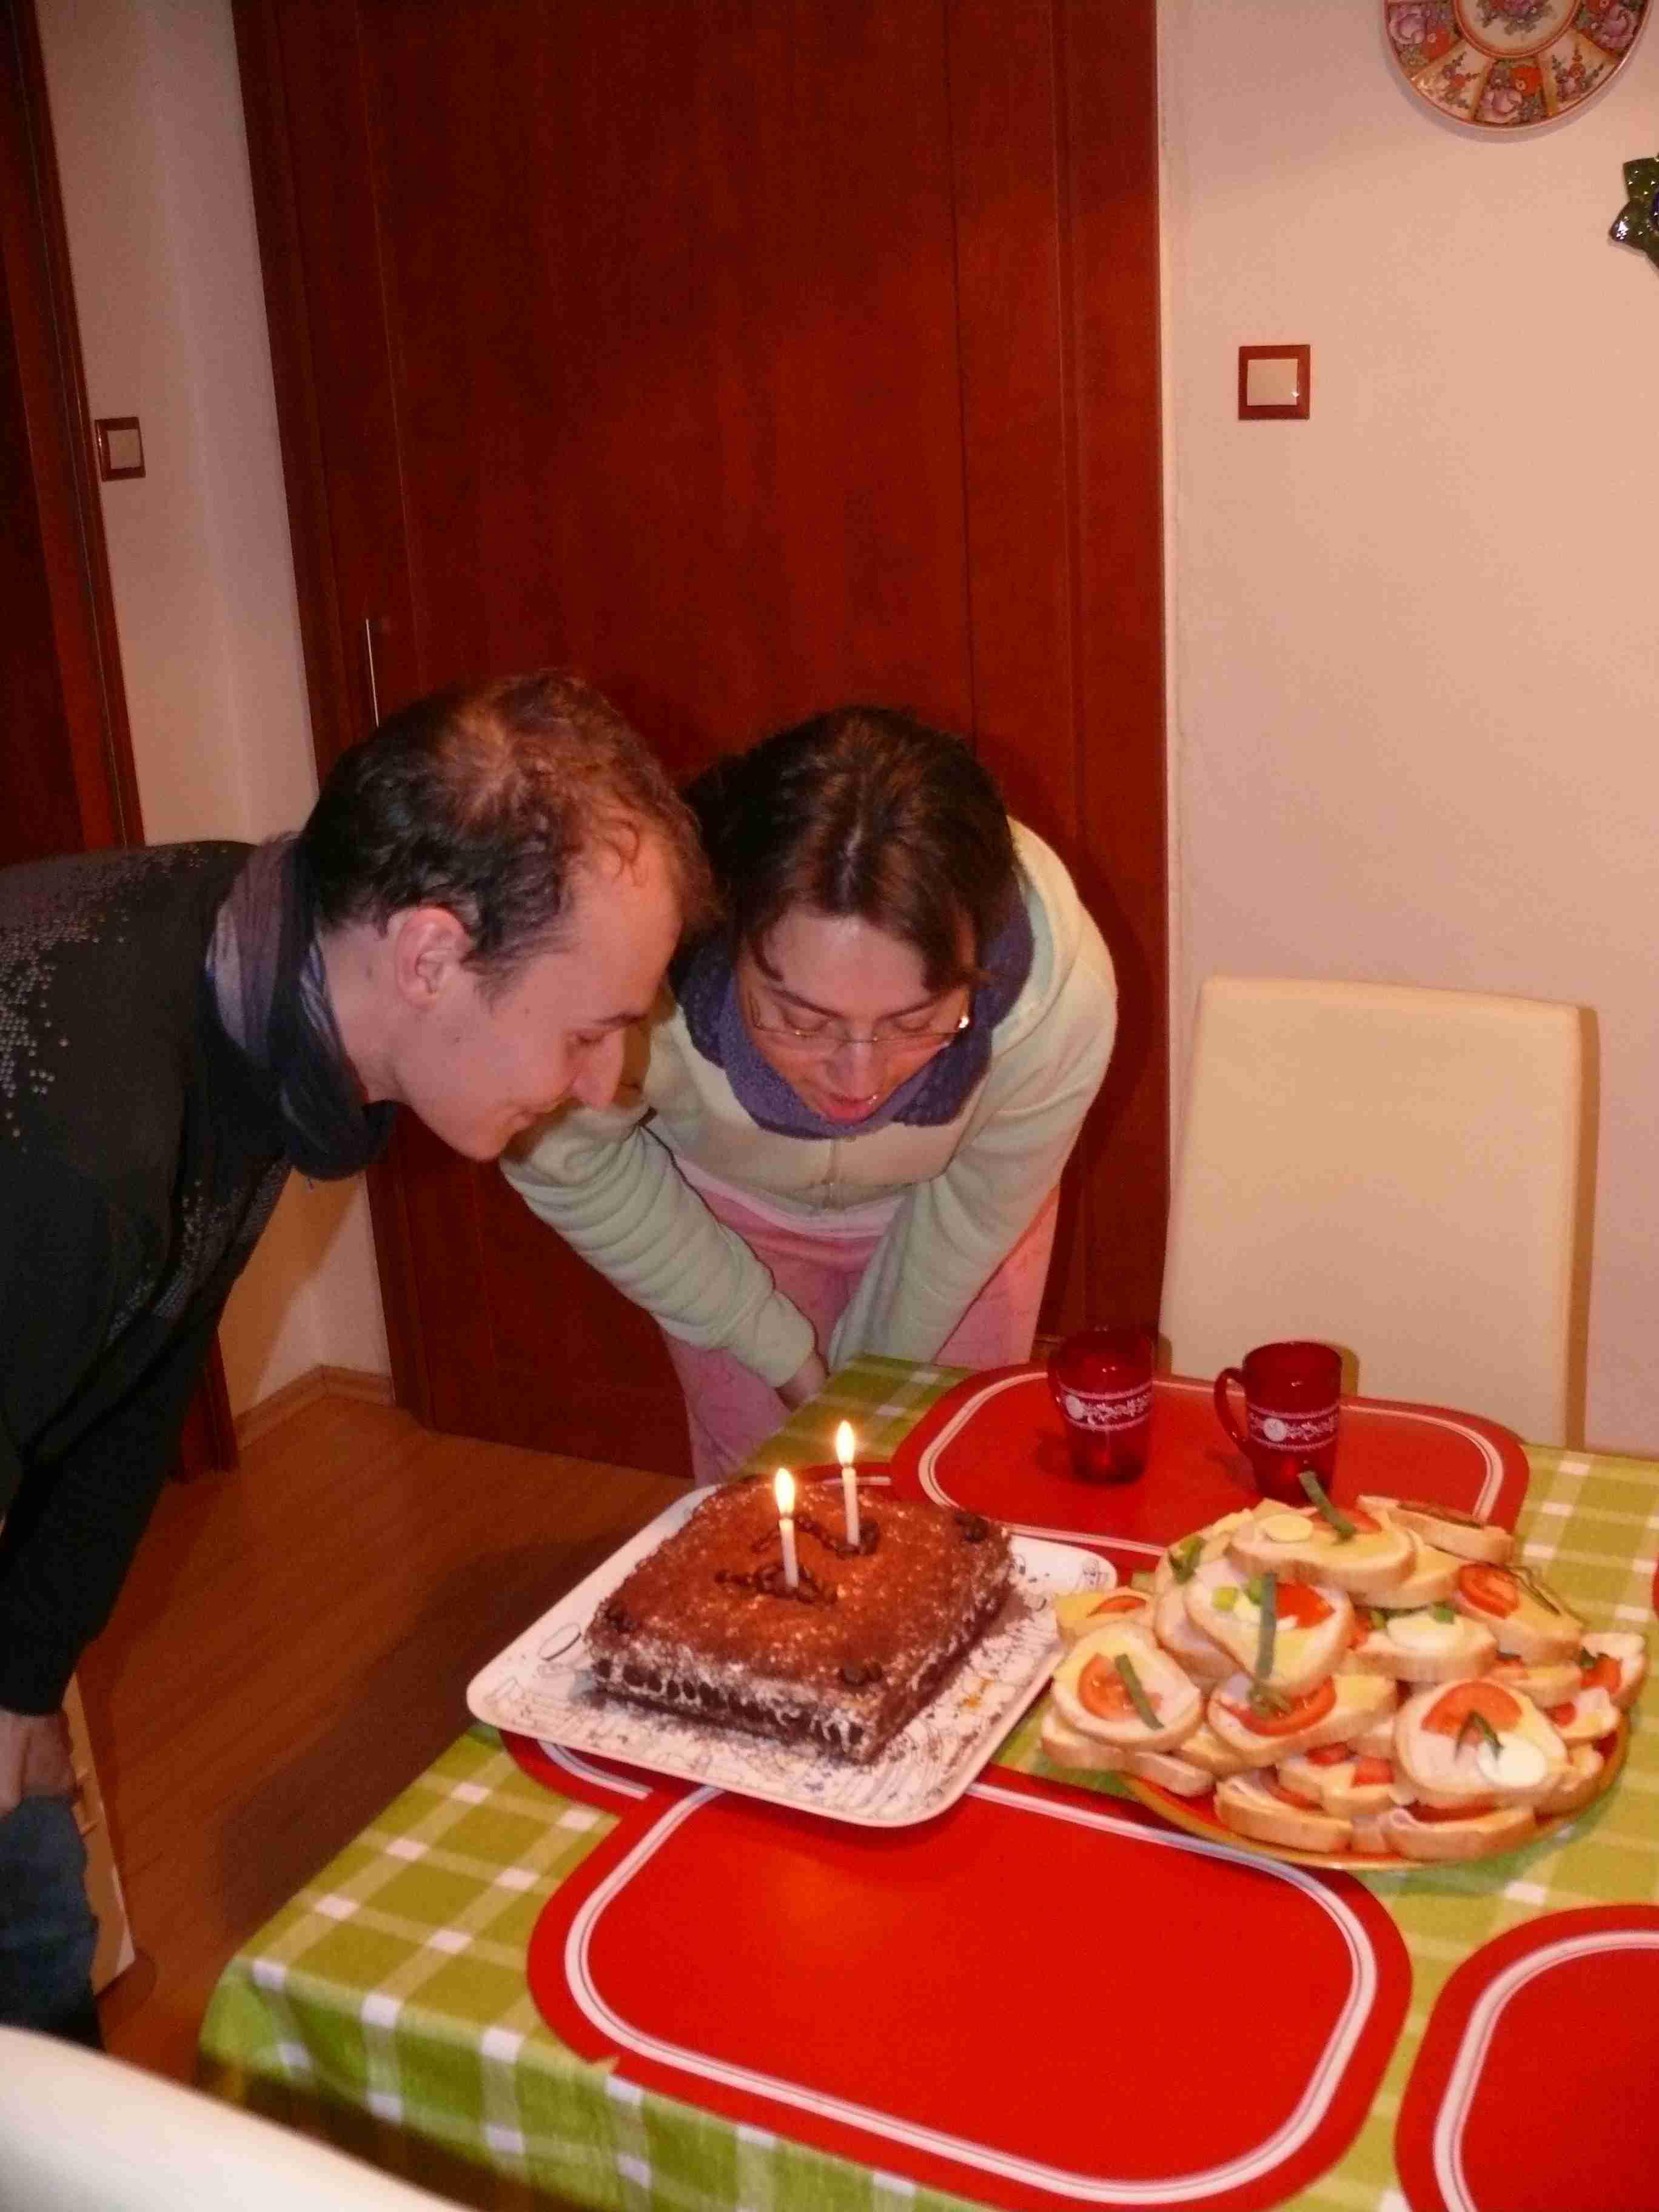 slavení u dortu